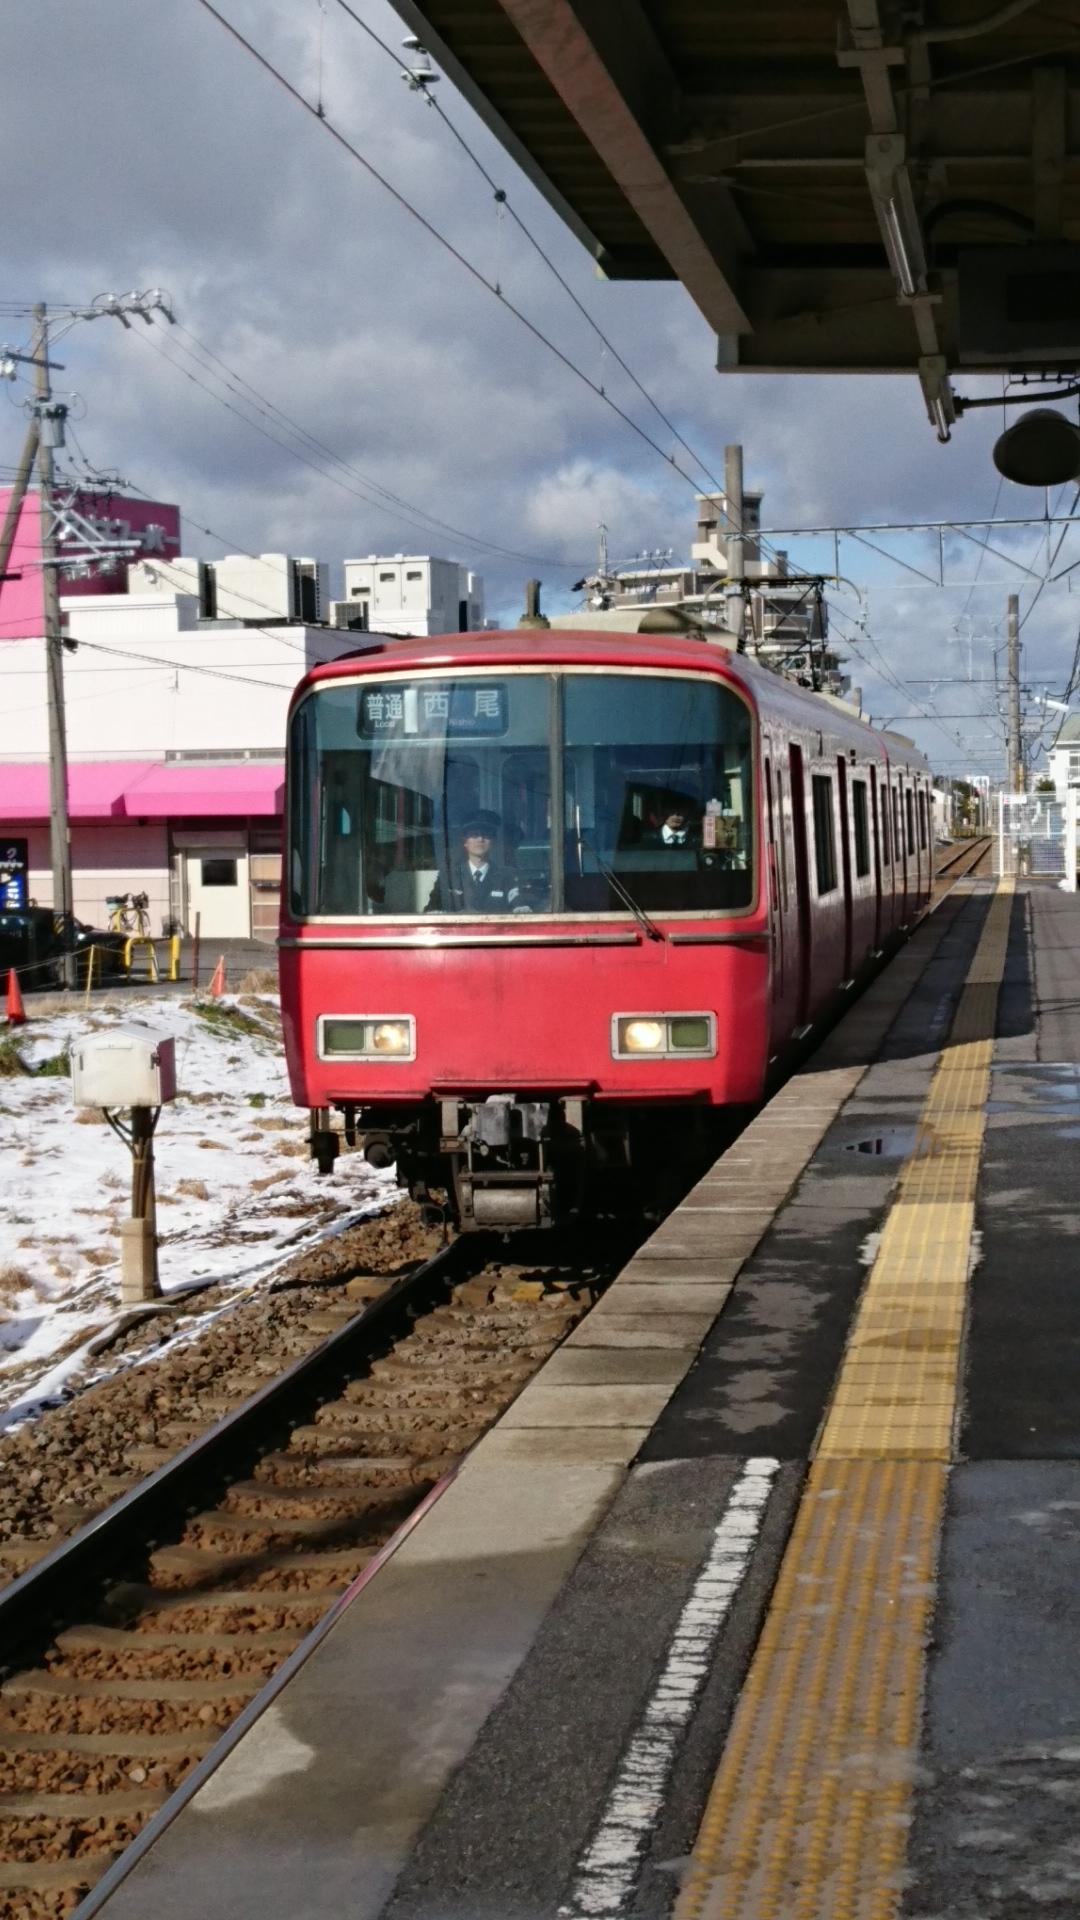 2017.1.15 西尾線 (7) 古井 - 西尾いきふつう 1080-1920